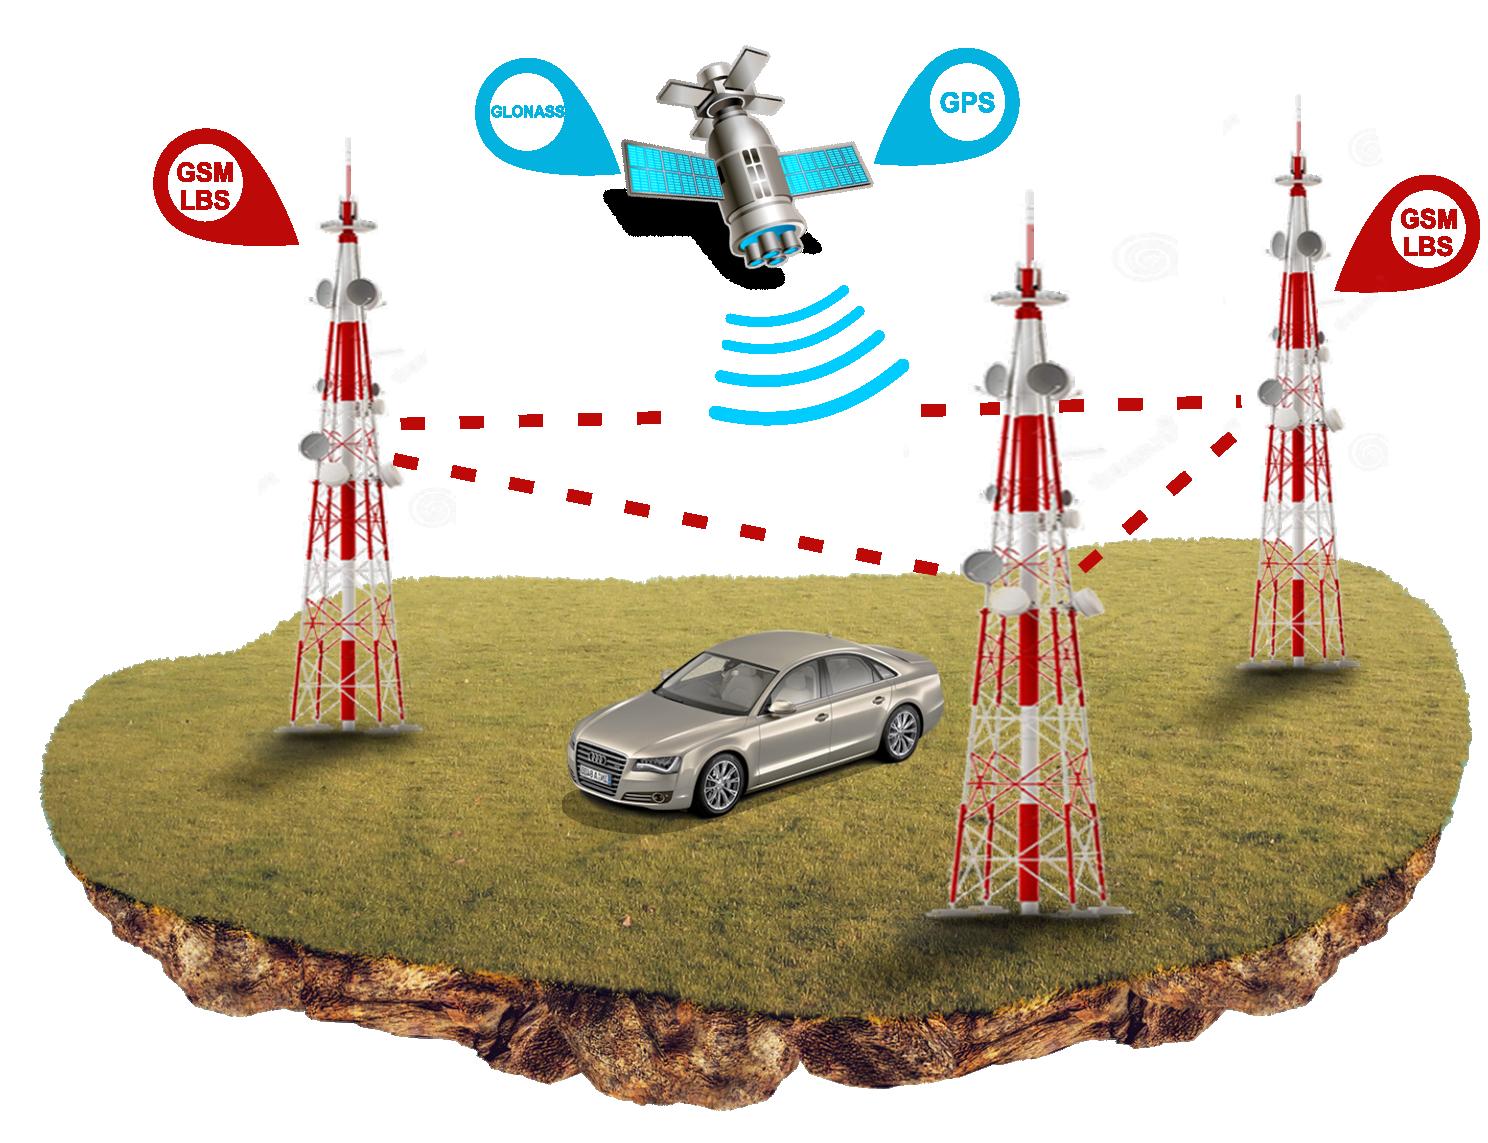 Иллюстрация на тему Как включить GPS на Андроиде: способы активации навигатора на телефоне